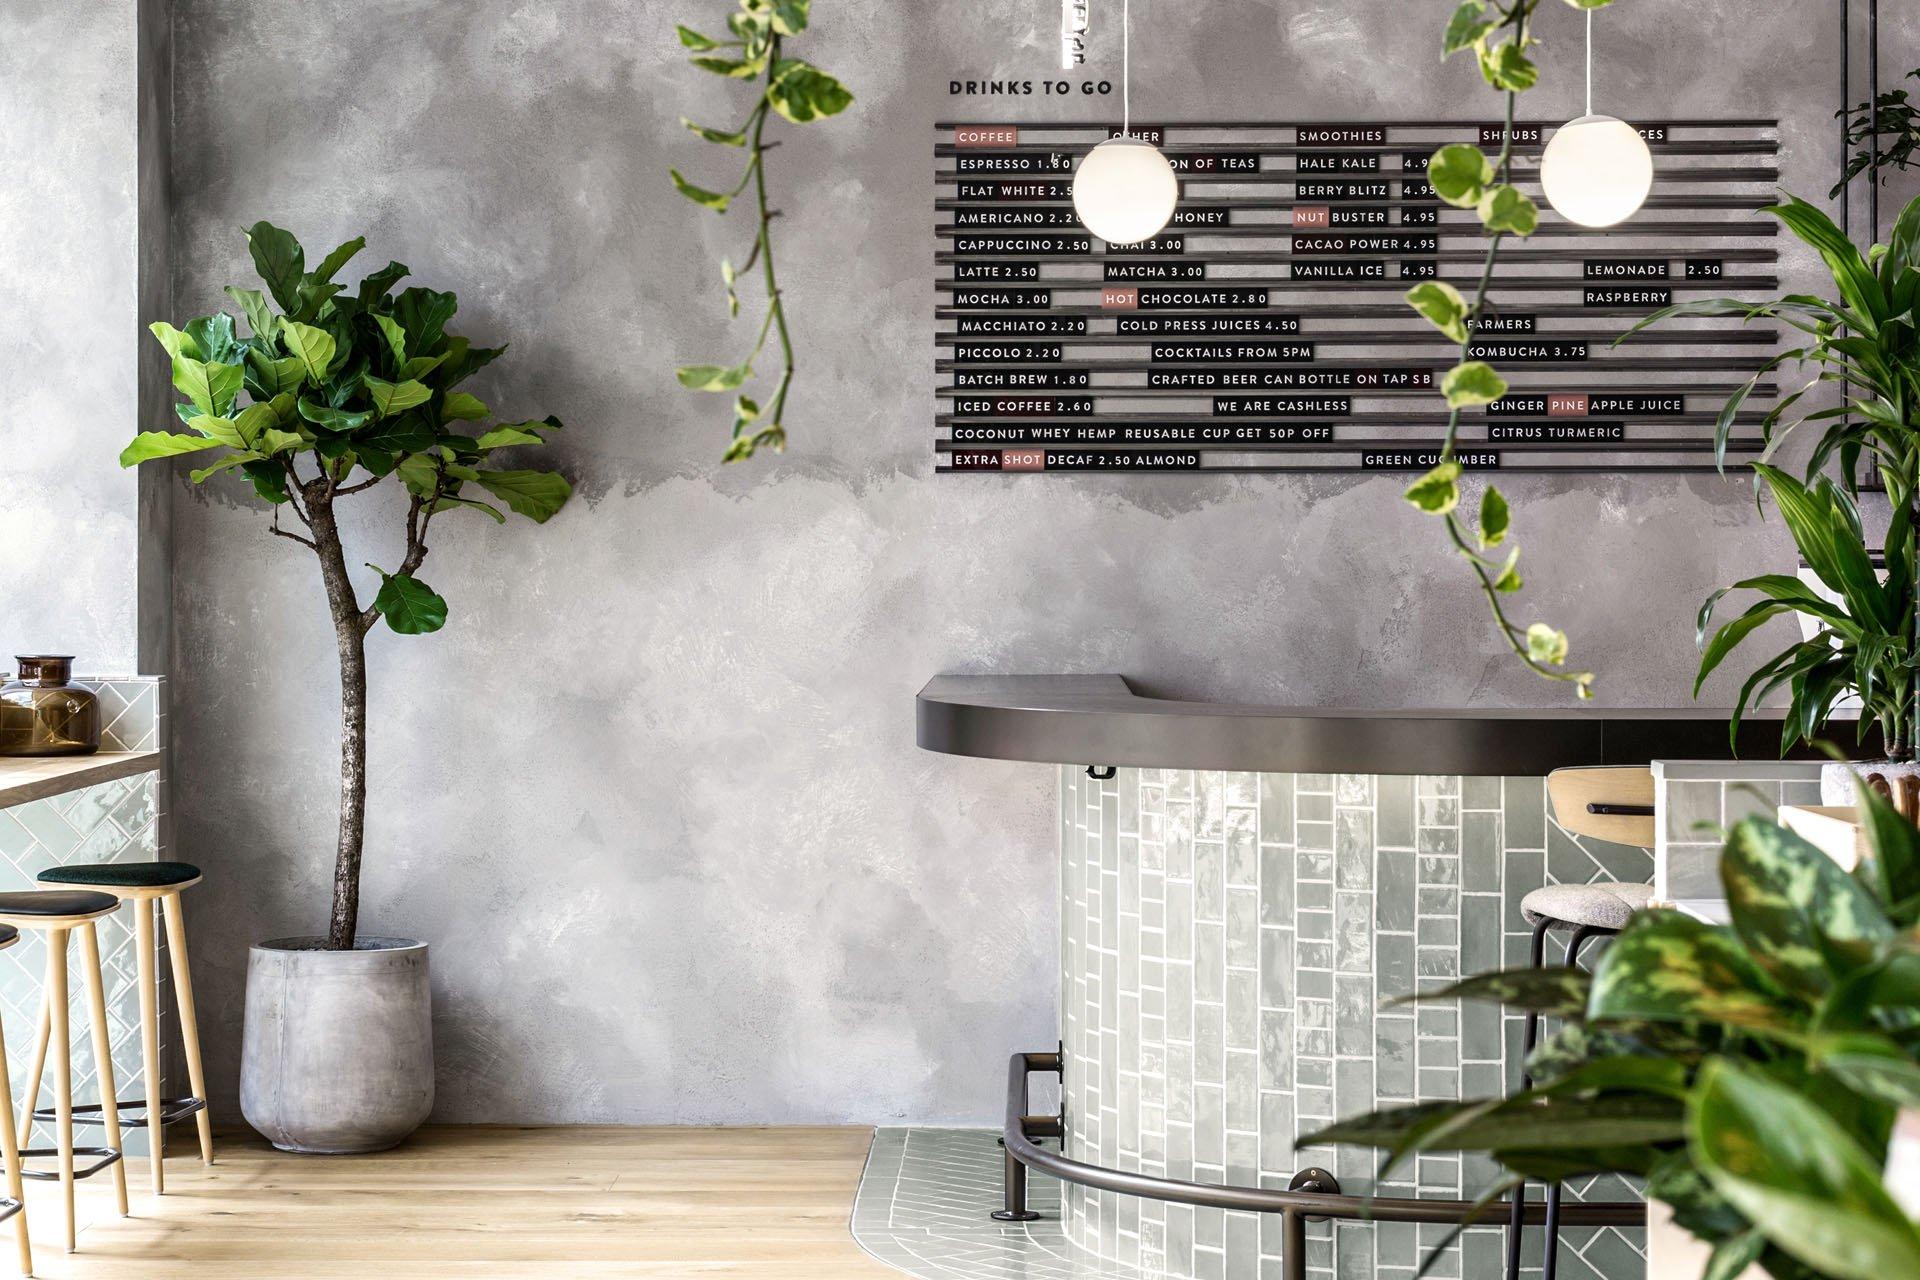 menus and greenery in Farmer J interiors